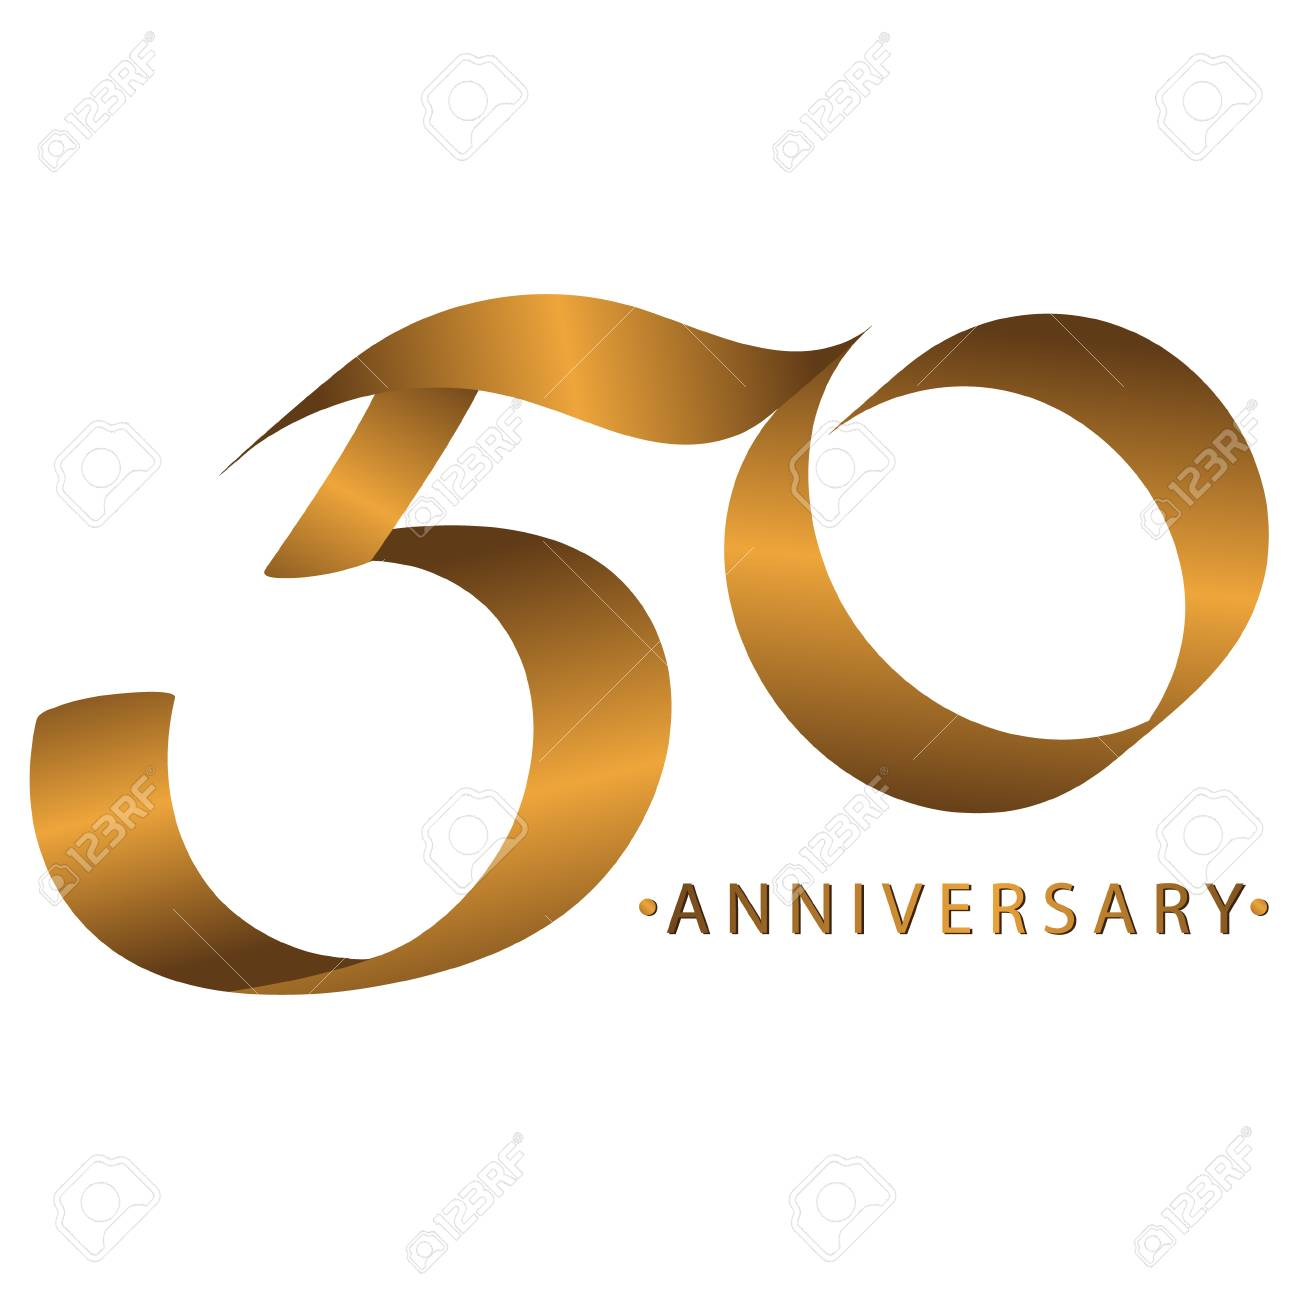 Celebración De La Caligrafía Aniversario Del Aniversario Del Número 50 Años Tono Dorado De Lujo Marrón Dorado Para Invitar A La Tarjeta Telón De